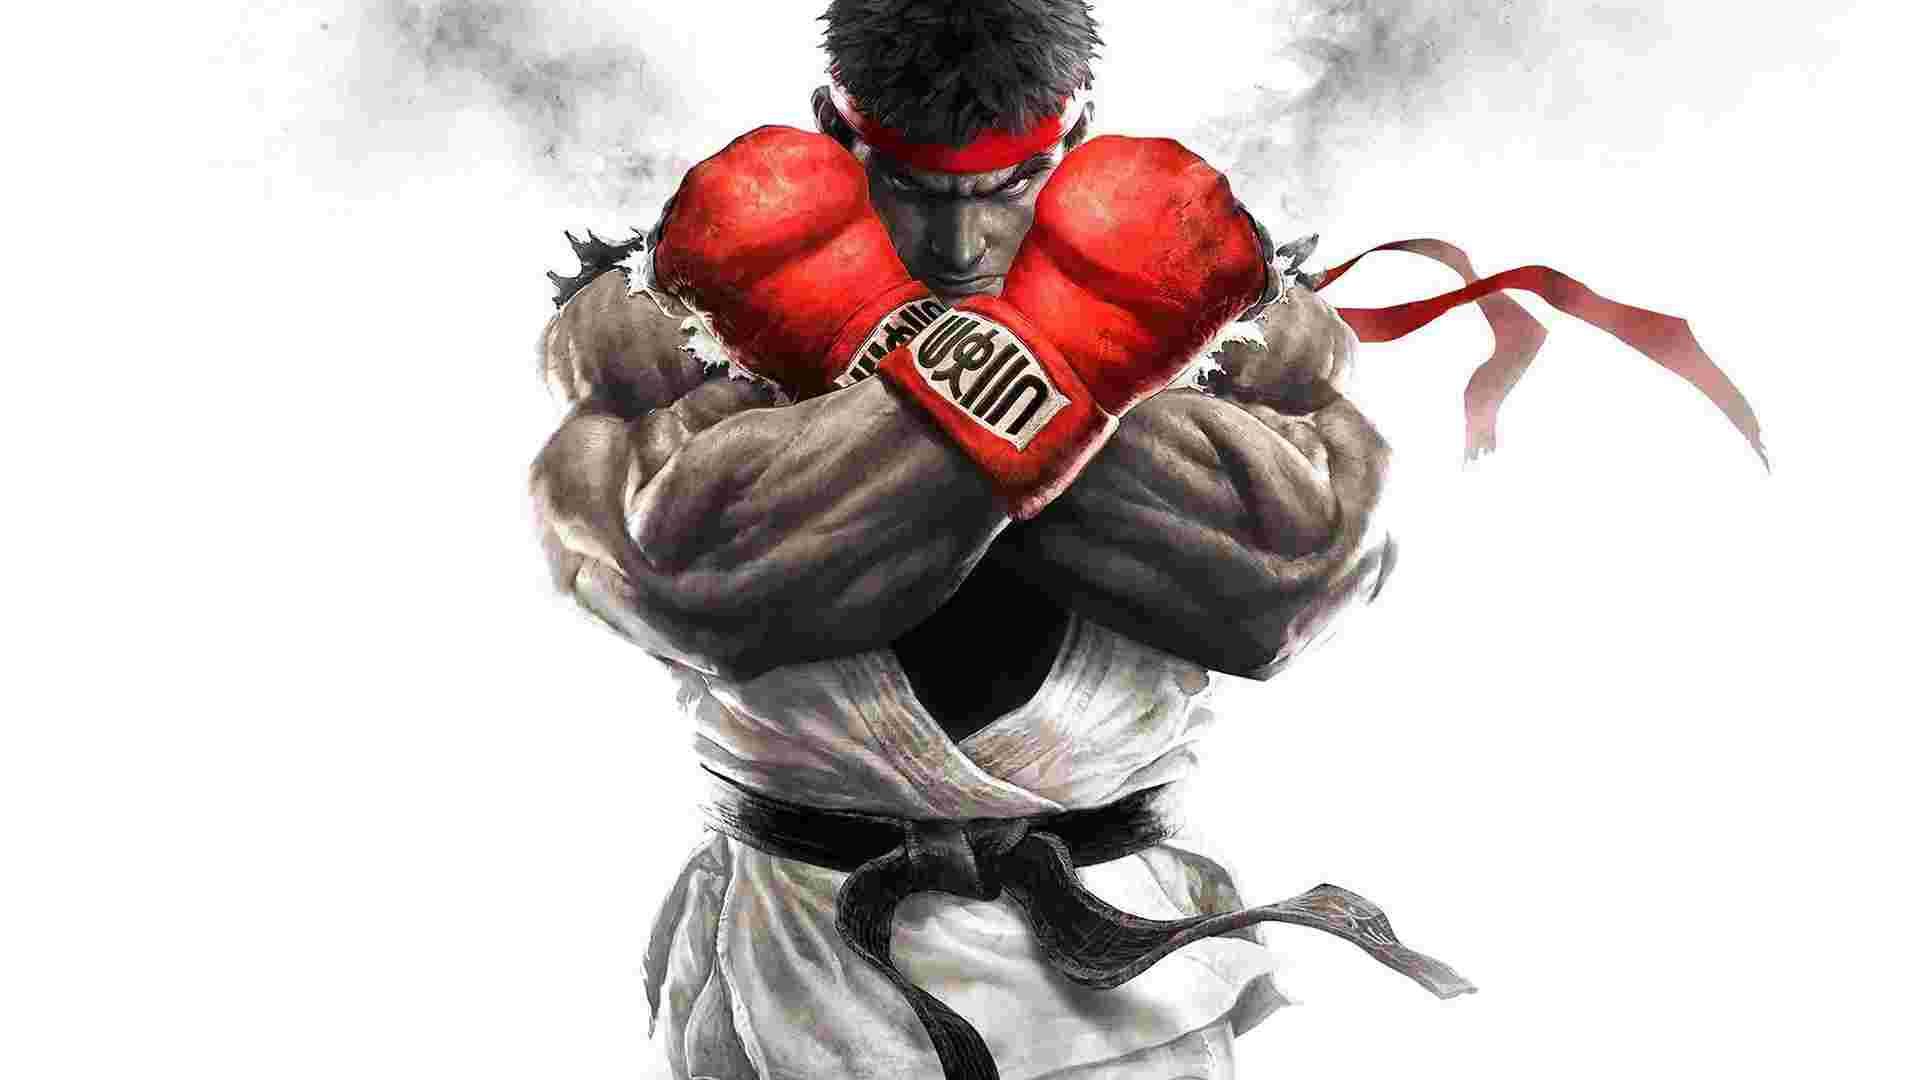 Огляд Street Fighter V | Обзор | Review